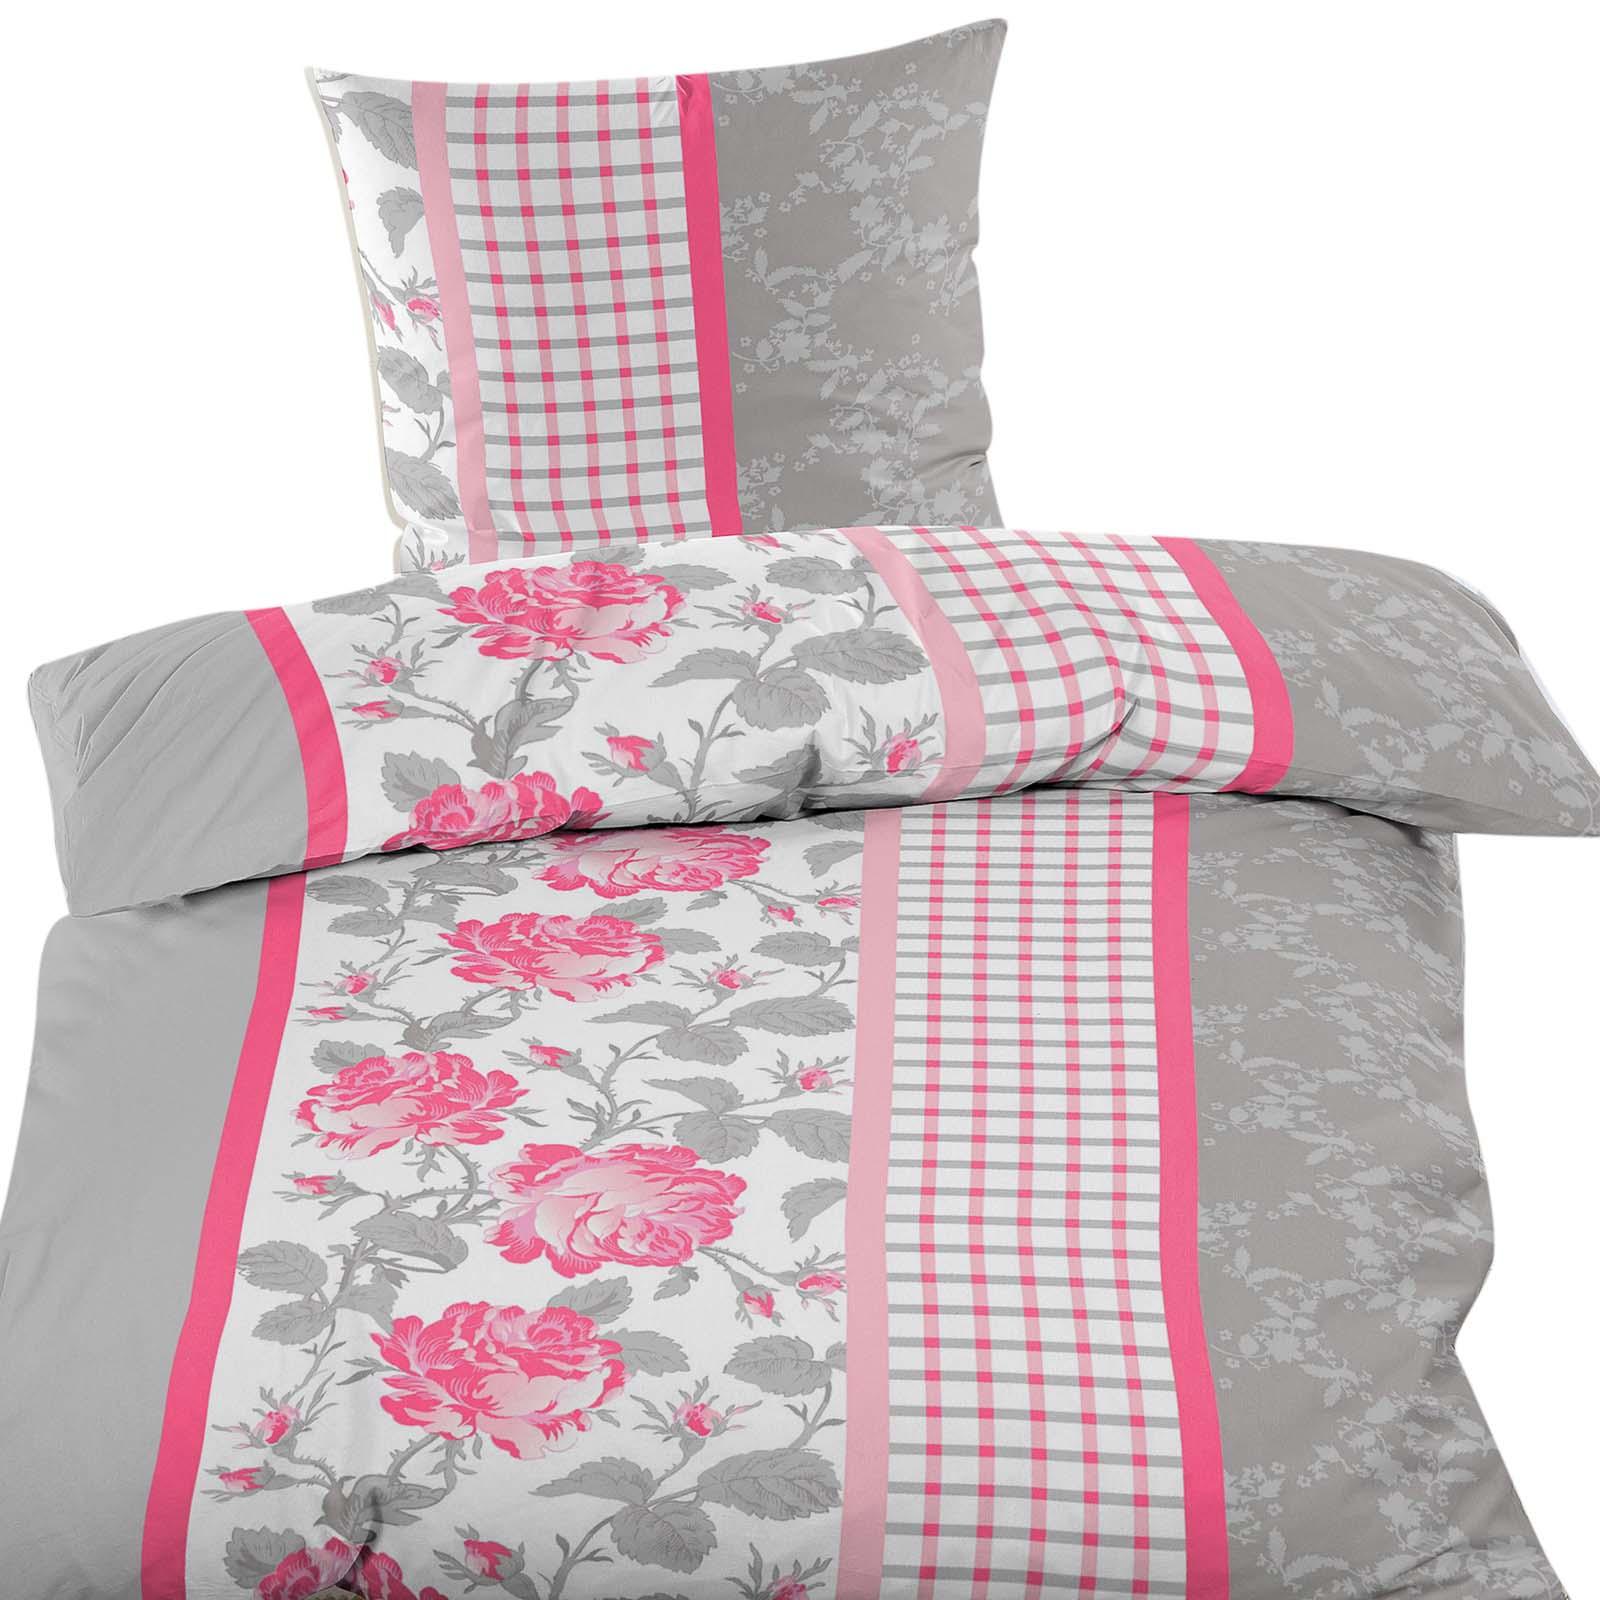 kalte bettw sche time to relax biber bettw sche airvault kariert. Black Bedroom Furniture Sets. Home Design Ideas